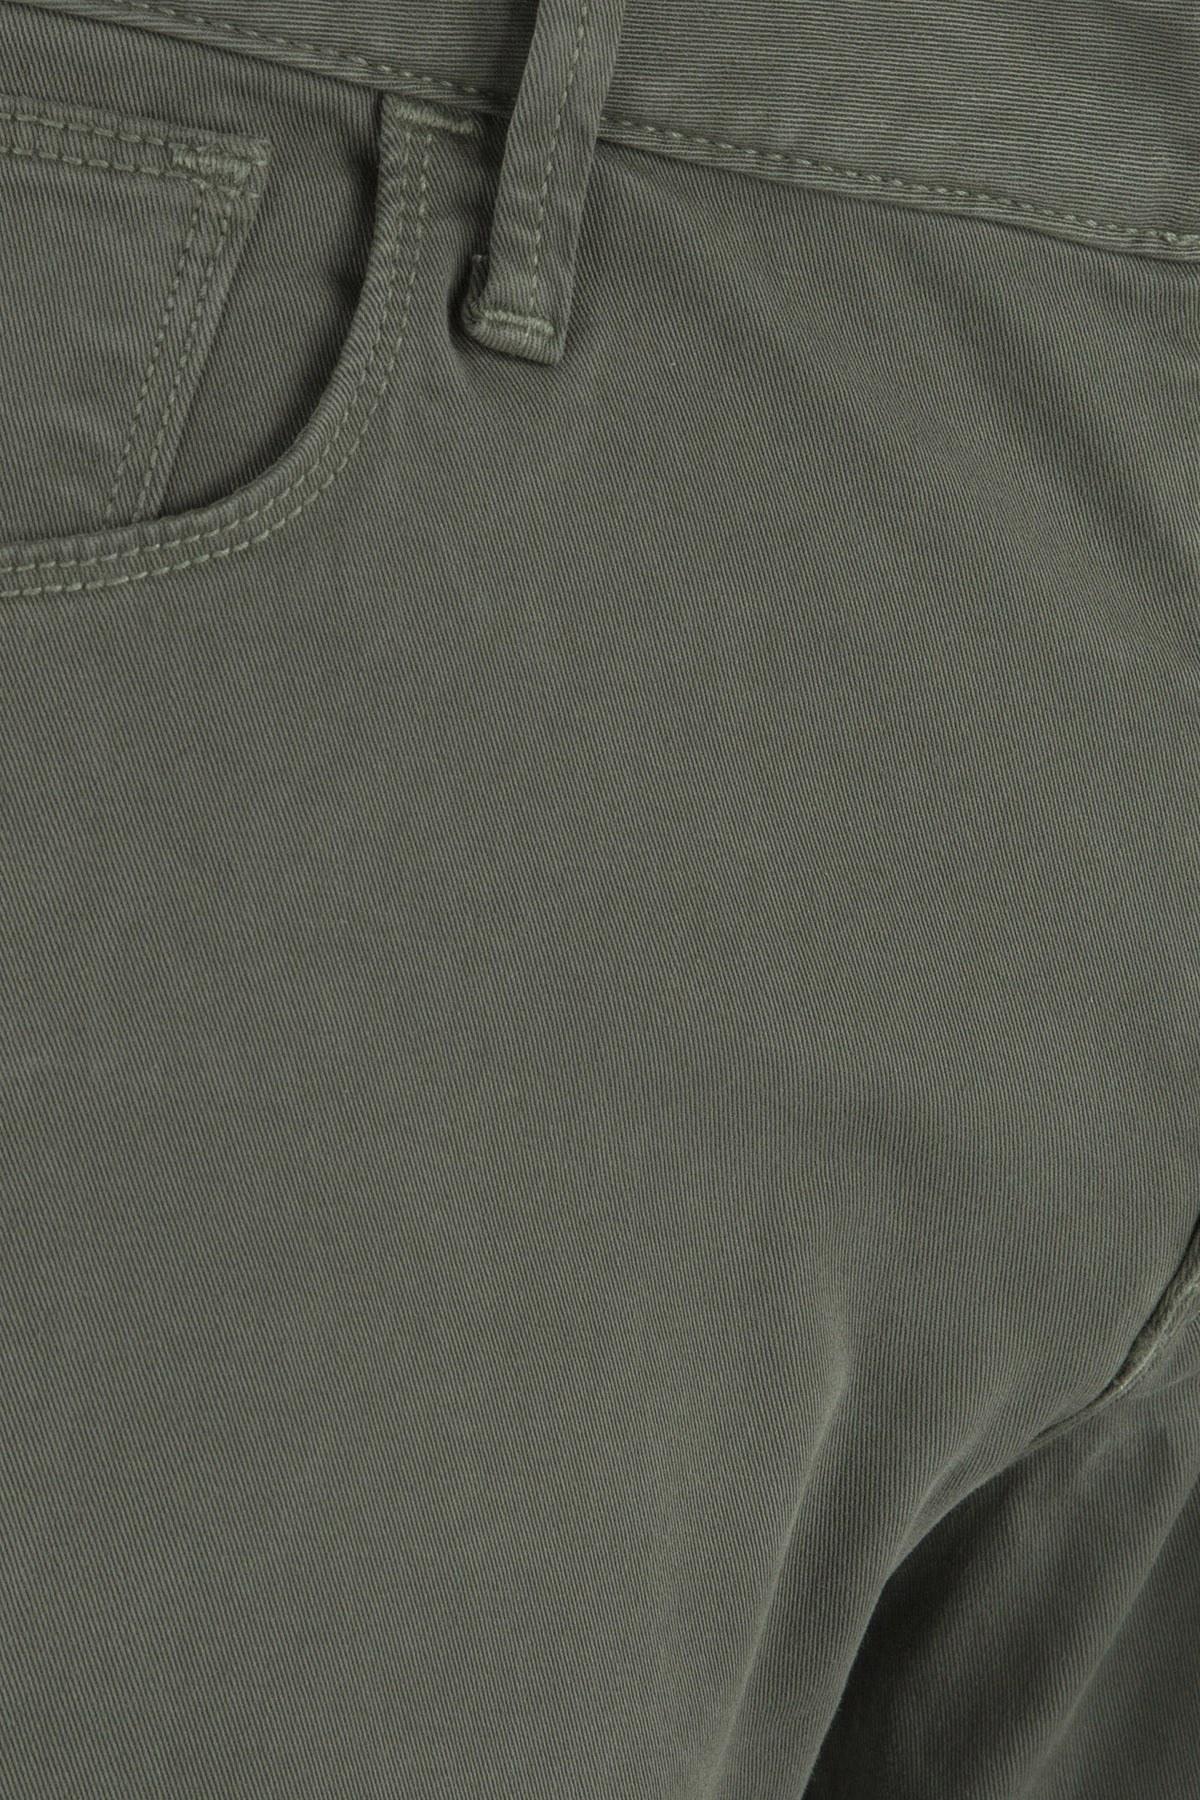 EMPORIO ARMANI J06 JEANS Erkek Pamuklu Pantolon 3Z1J06 1N4VZ 0544 YEŞİL